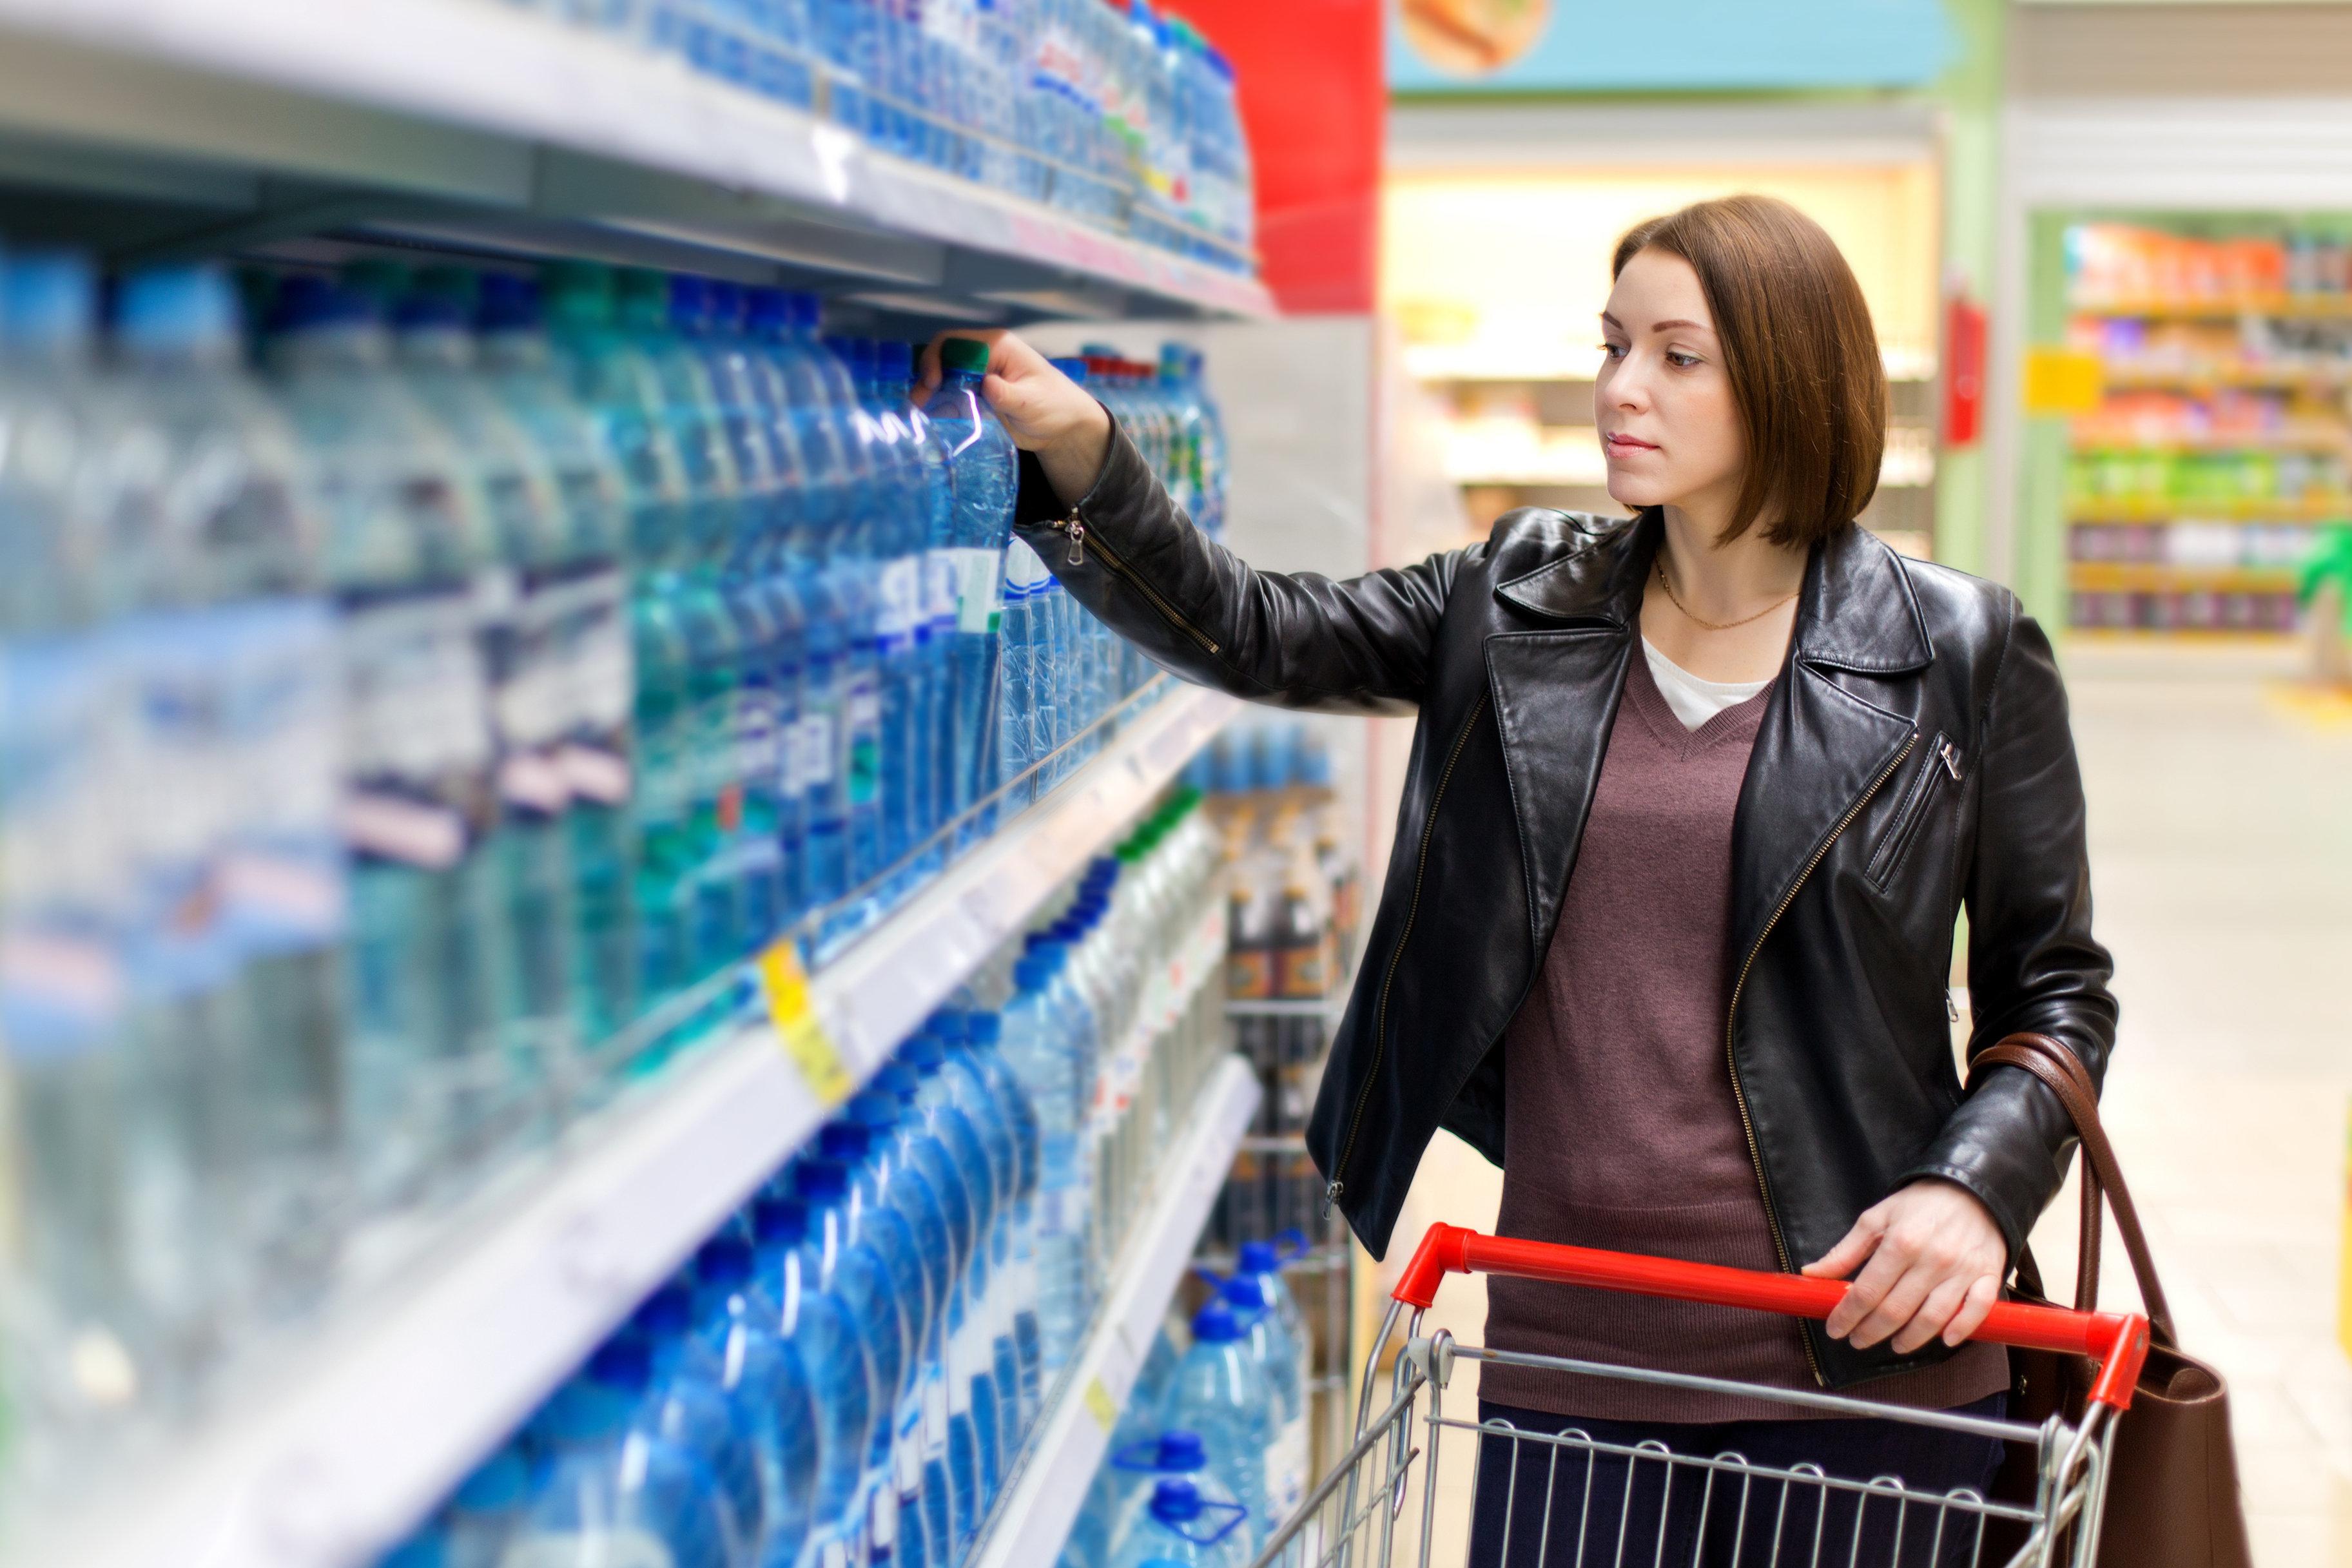 Briten wollen revolutionären Schritt im Kampf gegen Plastikmüll